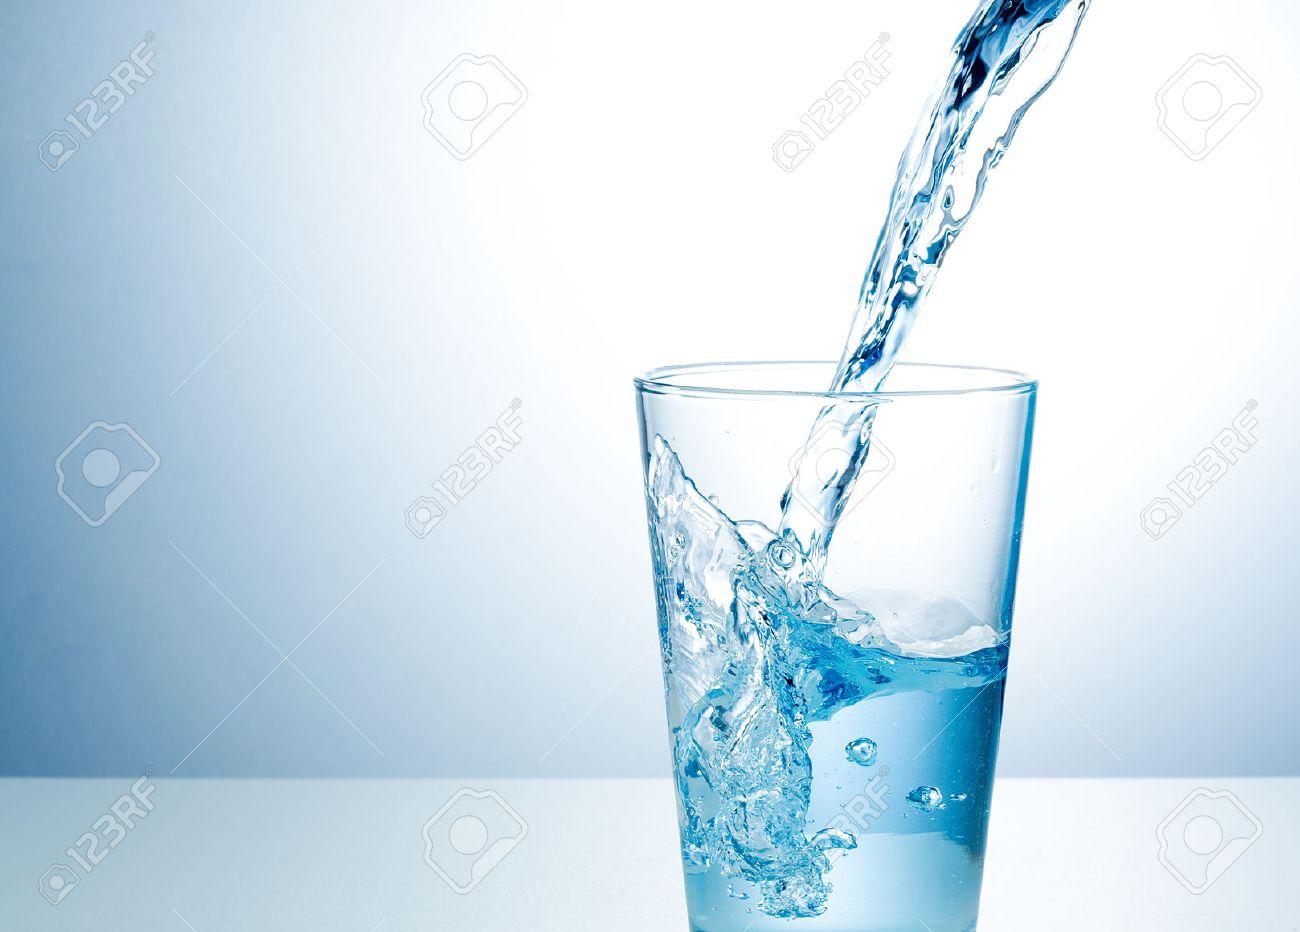 Glass of fresh water Stock Photo - 45934663